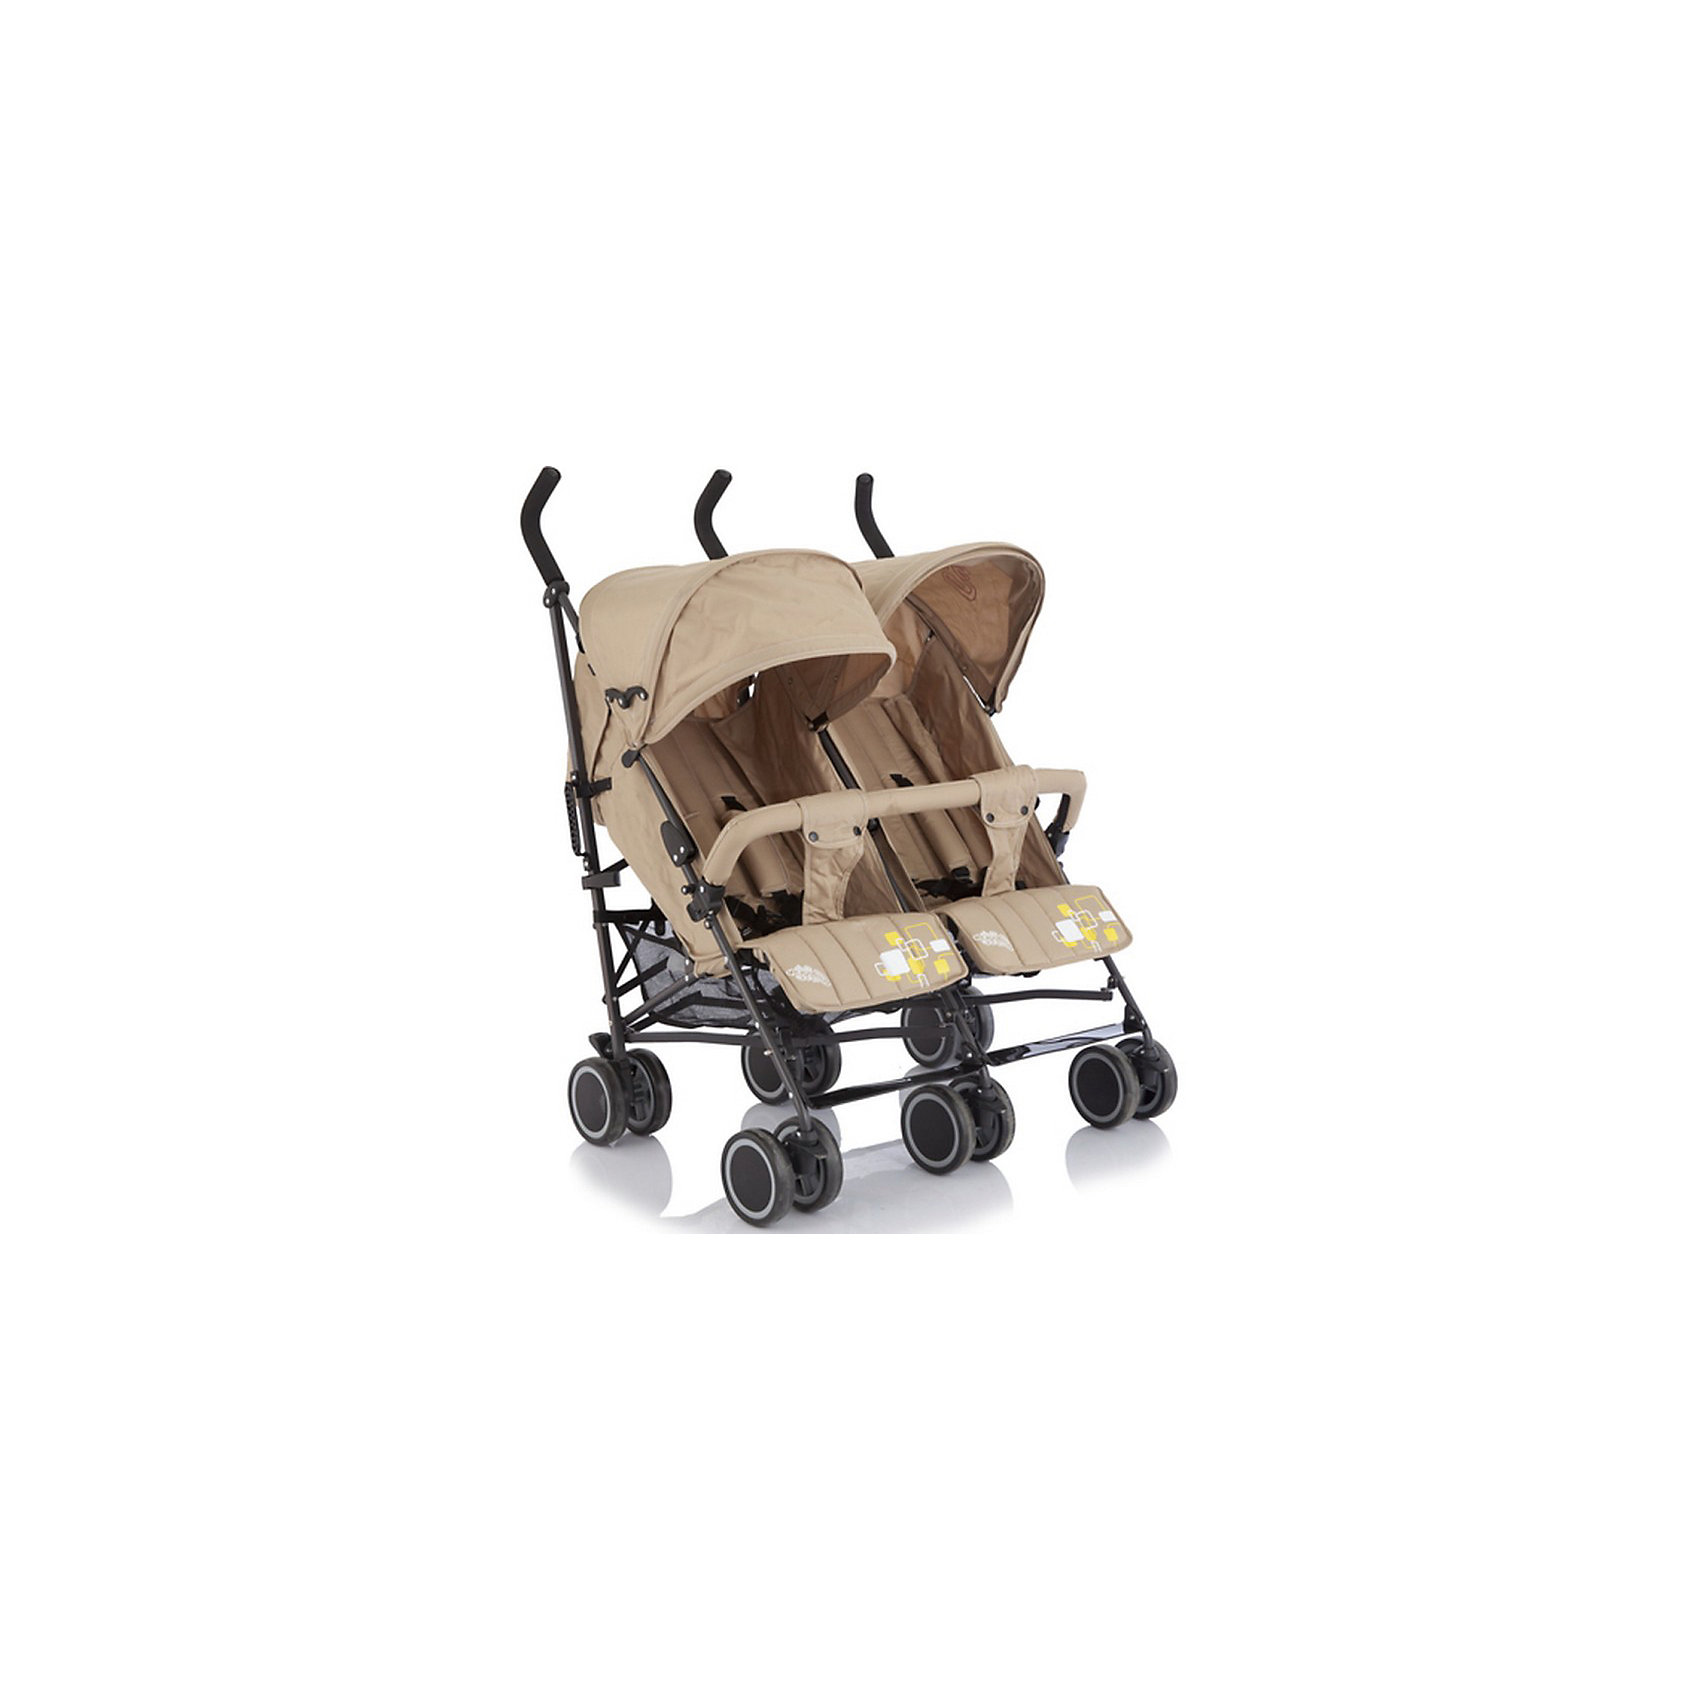 Коляска-трость для двойни Baby Care Citi Twin, хакиКоляски для двойни<br>Baby Care Citi Twin – сверхлегкая коляска-трость для двойни. Идеальный вариант для путешествий или летних городских прогулок.  Данная модель вобрала в себя весь необходимый функционал трости Baby Care City Style и значительно улучшила его. Рама установлена на шести парах сдвоенных колес, что делает ее максимально маневренной и устойчивой на любой поверхности. Спинки, подножки и глубокие козырьки на обоих сиденьях регулируются независимо друг от друга. Есть возможность получить два почти горизонтальных спальных места (до 170 градусов), для комфортного отдыха малышей. Бампер, как и чехол на ножки – один на двоих. Коляска легко и компактно складывается, имеет удобную ручку для переноски, занимает мало места при хранении и транспортировке.<br><br>Дополнительная информация:<br><br>- Для двойни.<br>- Расположение блоков: рядом.<br>- Механизм складывания: трость.<br>- Комплектация: коляска, чехол на ножки, дождевик.<br>- Материал: металл, пластик, текстиль, резина.<br>- Размер колесной базы: 85 см.<br>- Длина колесной базы: 53 см<br>- Ширина сидений: 34х19 см.<br>- Размер спального места: 78х34 см.<br>- Вес: 14 кг<br>- Количество колес: 6 (сдвоенные).<br>- Диаметр колес: 15 см.<br>- Цвет: хаки.<br>- Передние колеса поворотные, с возможностью блокировки.<br>- Стояночный тормоз.<br>- 5-ти точечные ремни безопасности.<br>- Съемный бампер.<br>- Регулировка спинки в 3 положениях. <br>- Регулируются независимо друг от друга: спинка, подножка, козырек.<br>- Один на двоих: бампер, чехол на ножки.<br>- Регулируемые подножки.<br>- Солнцезащитный козырек.<br>- Вместительная корзина для покупок.<br><br>Коляску-трость для двойни Citi Twin, Baby Care, хаки, можно купить в нашем магазине.<br><br>Ширина мм: 1060<br>Глубина мм: 390<br>Высота мм: 220<br>Вес г: 16000<br>Возраст от месяцев: 6<br>Возраст до месяцев: 36<br>Пол: Унисекс<br>Возраст: Детский<br>SKU: 3995831